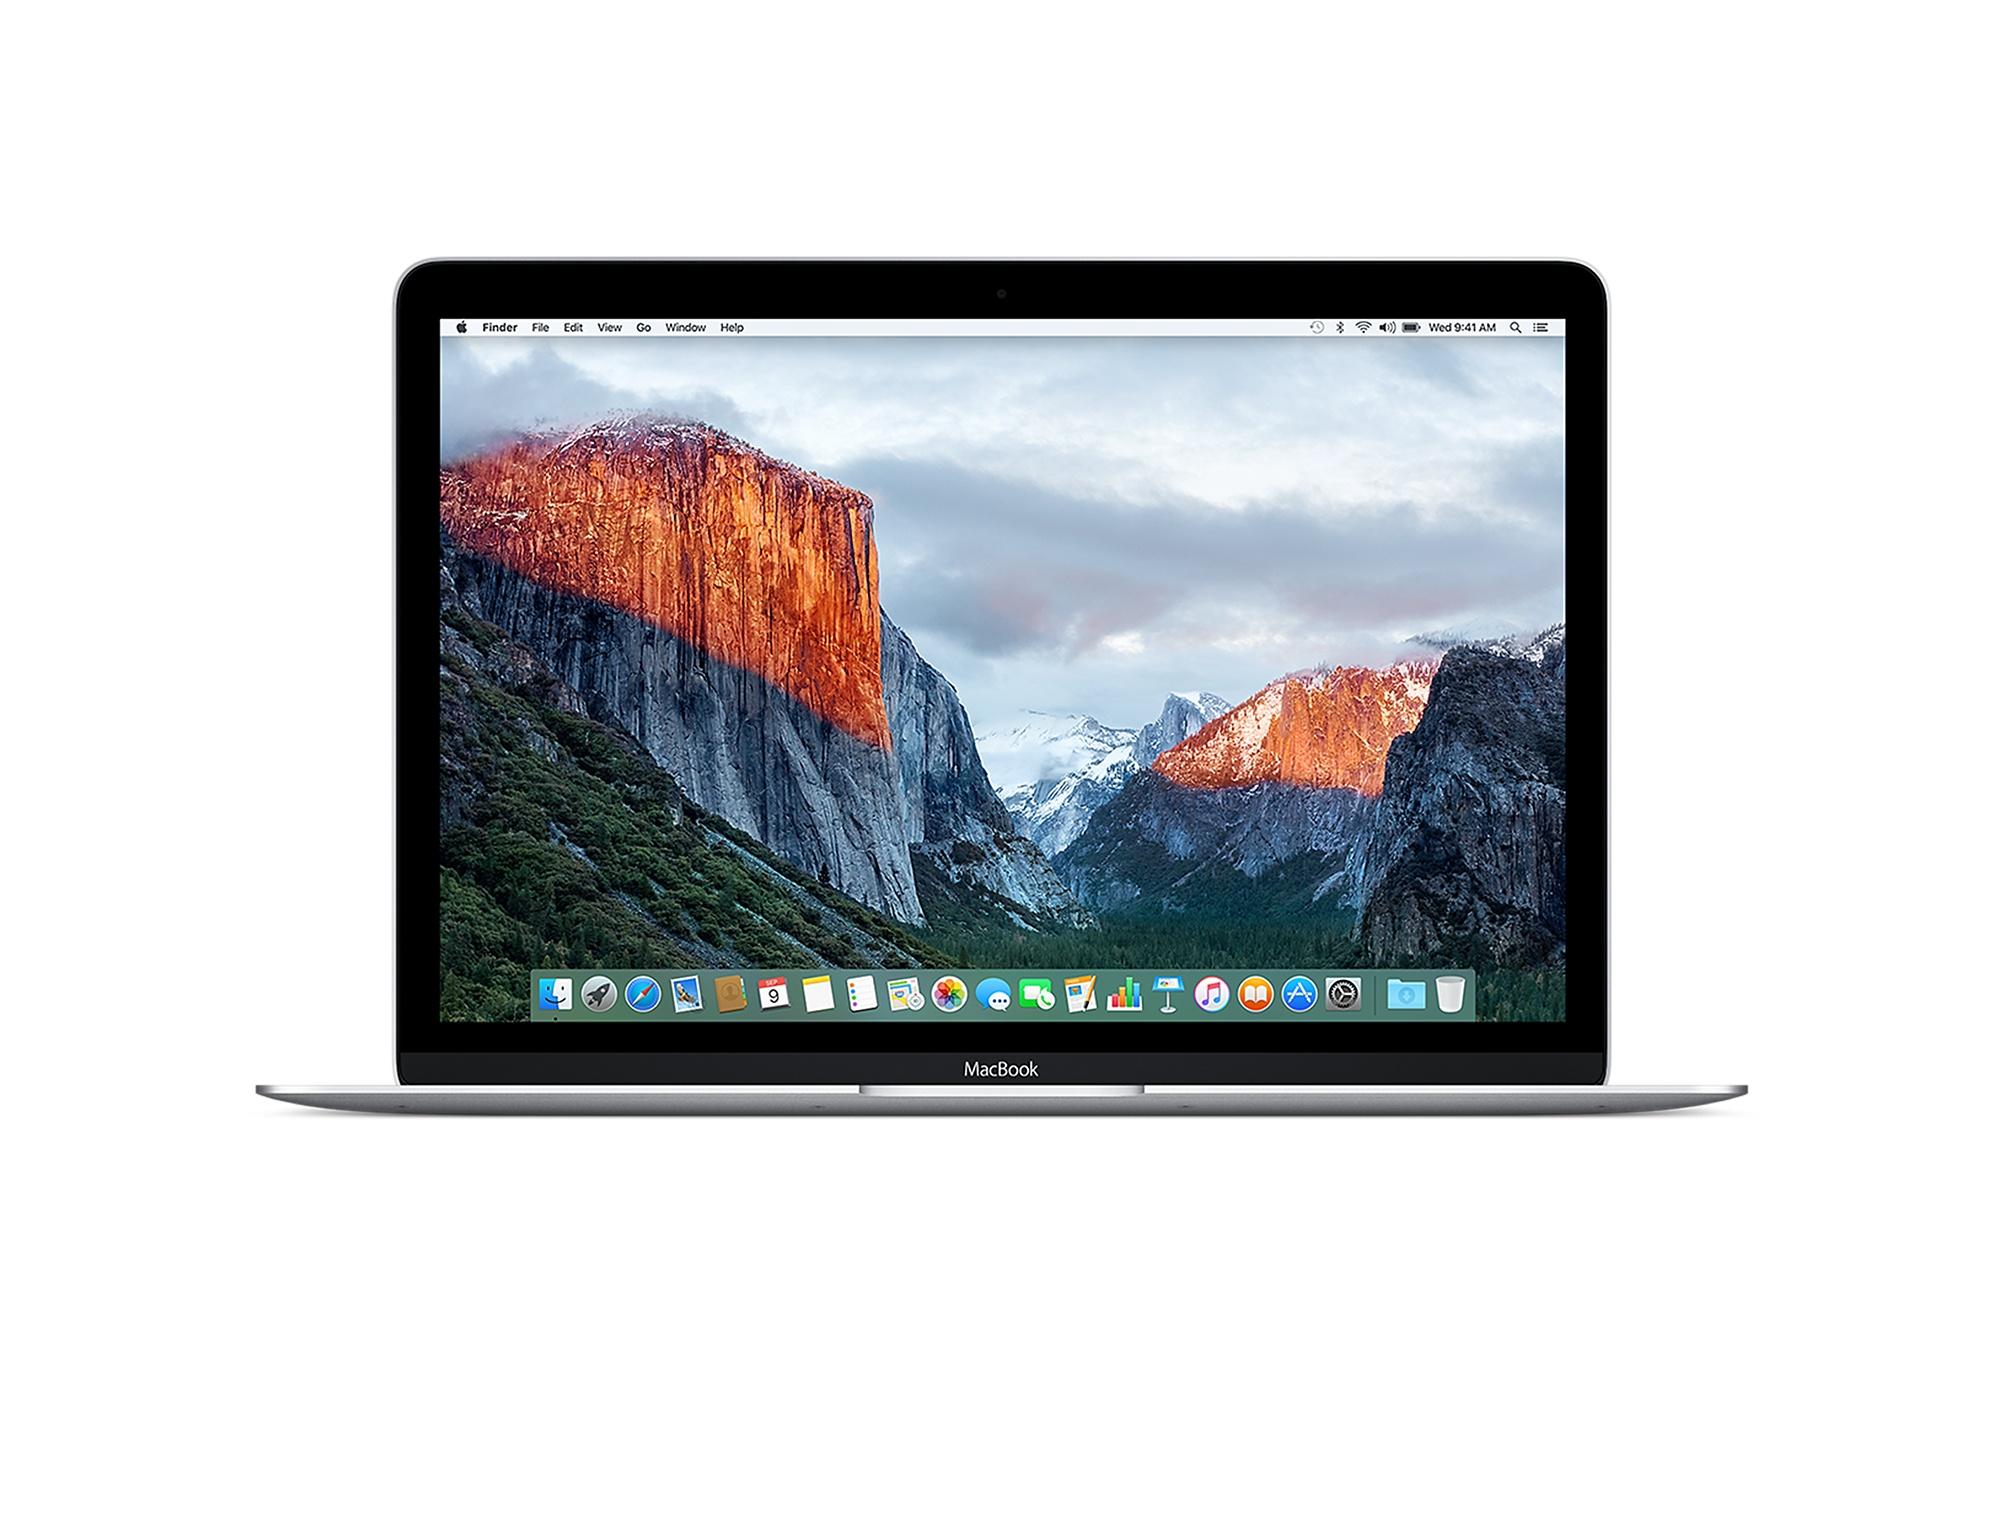 【限量現金促銷價】Apple 蘋果 MacBook 12吋/1.1GHz/8GB/256 SSD/四色(銀色/太空灰/金色/玫瑰金)